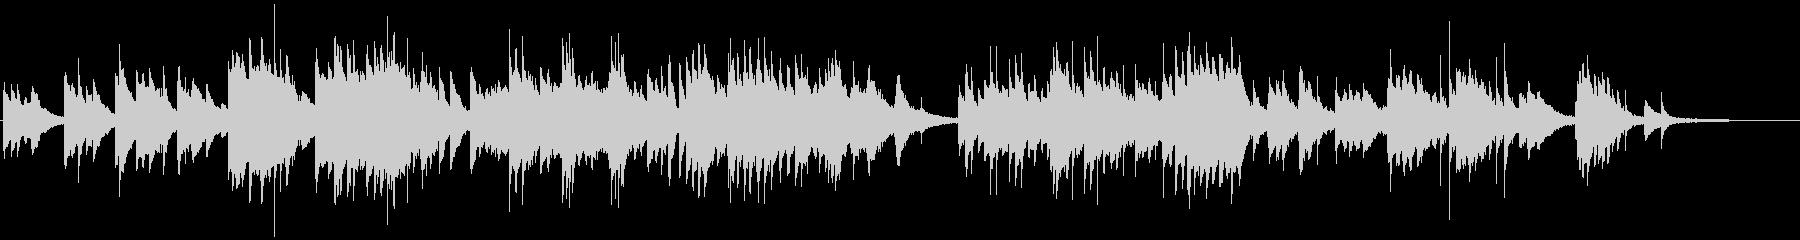 情感溢れる感動的なピアノバラードの未再生の波形